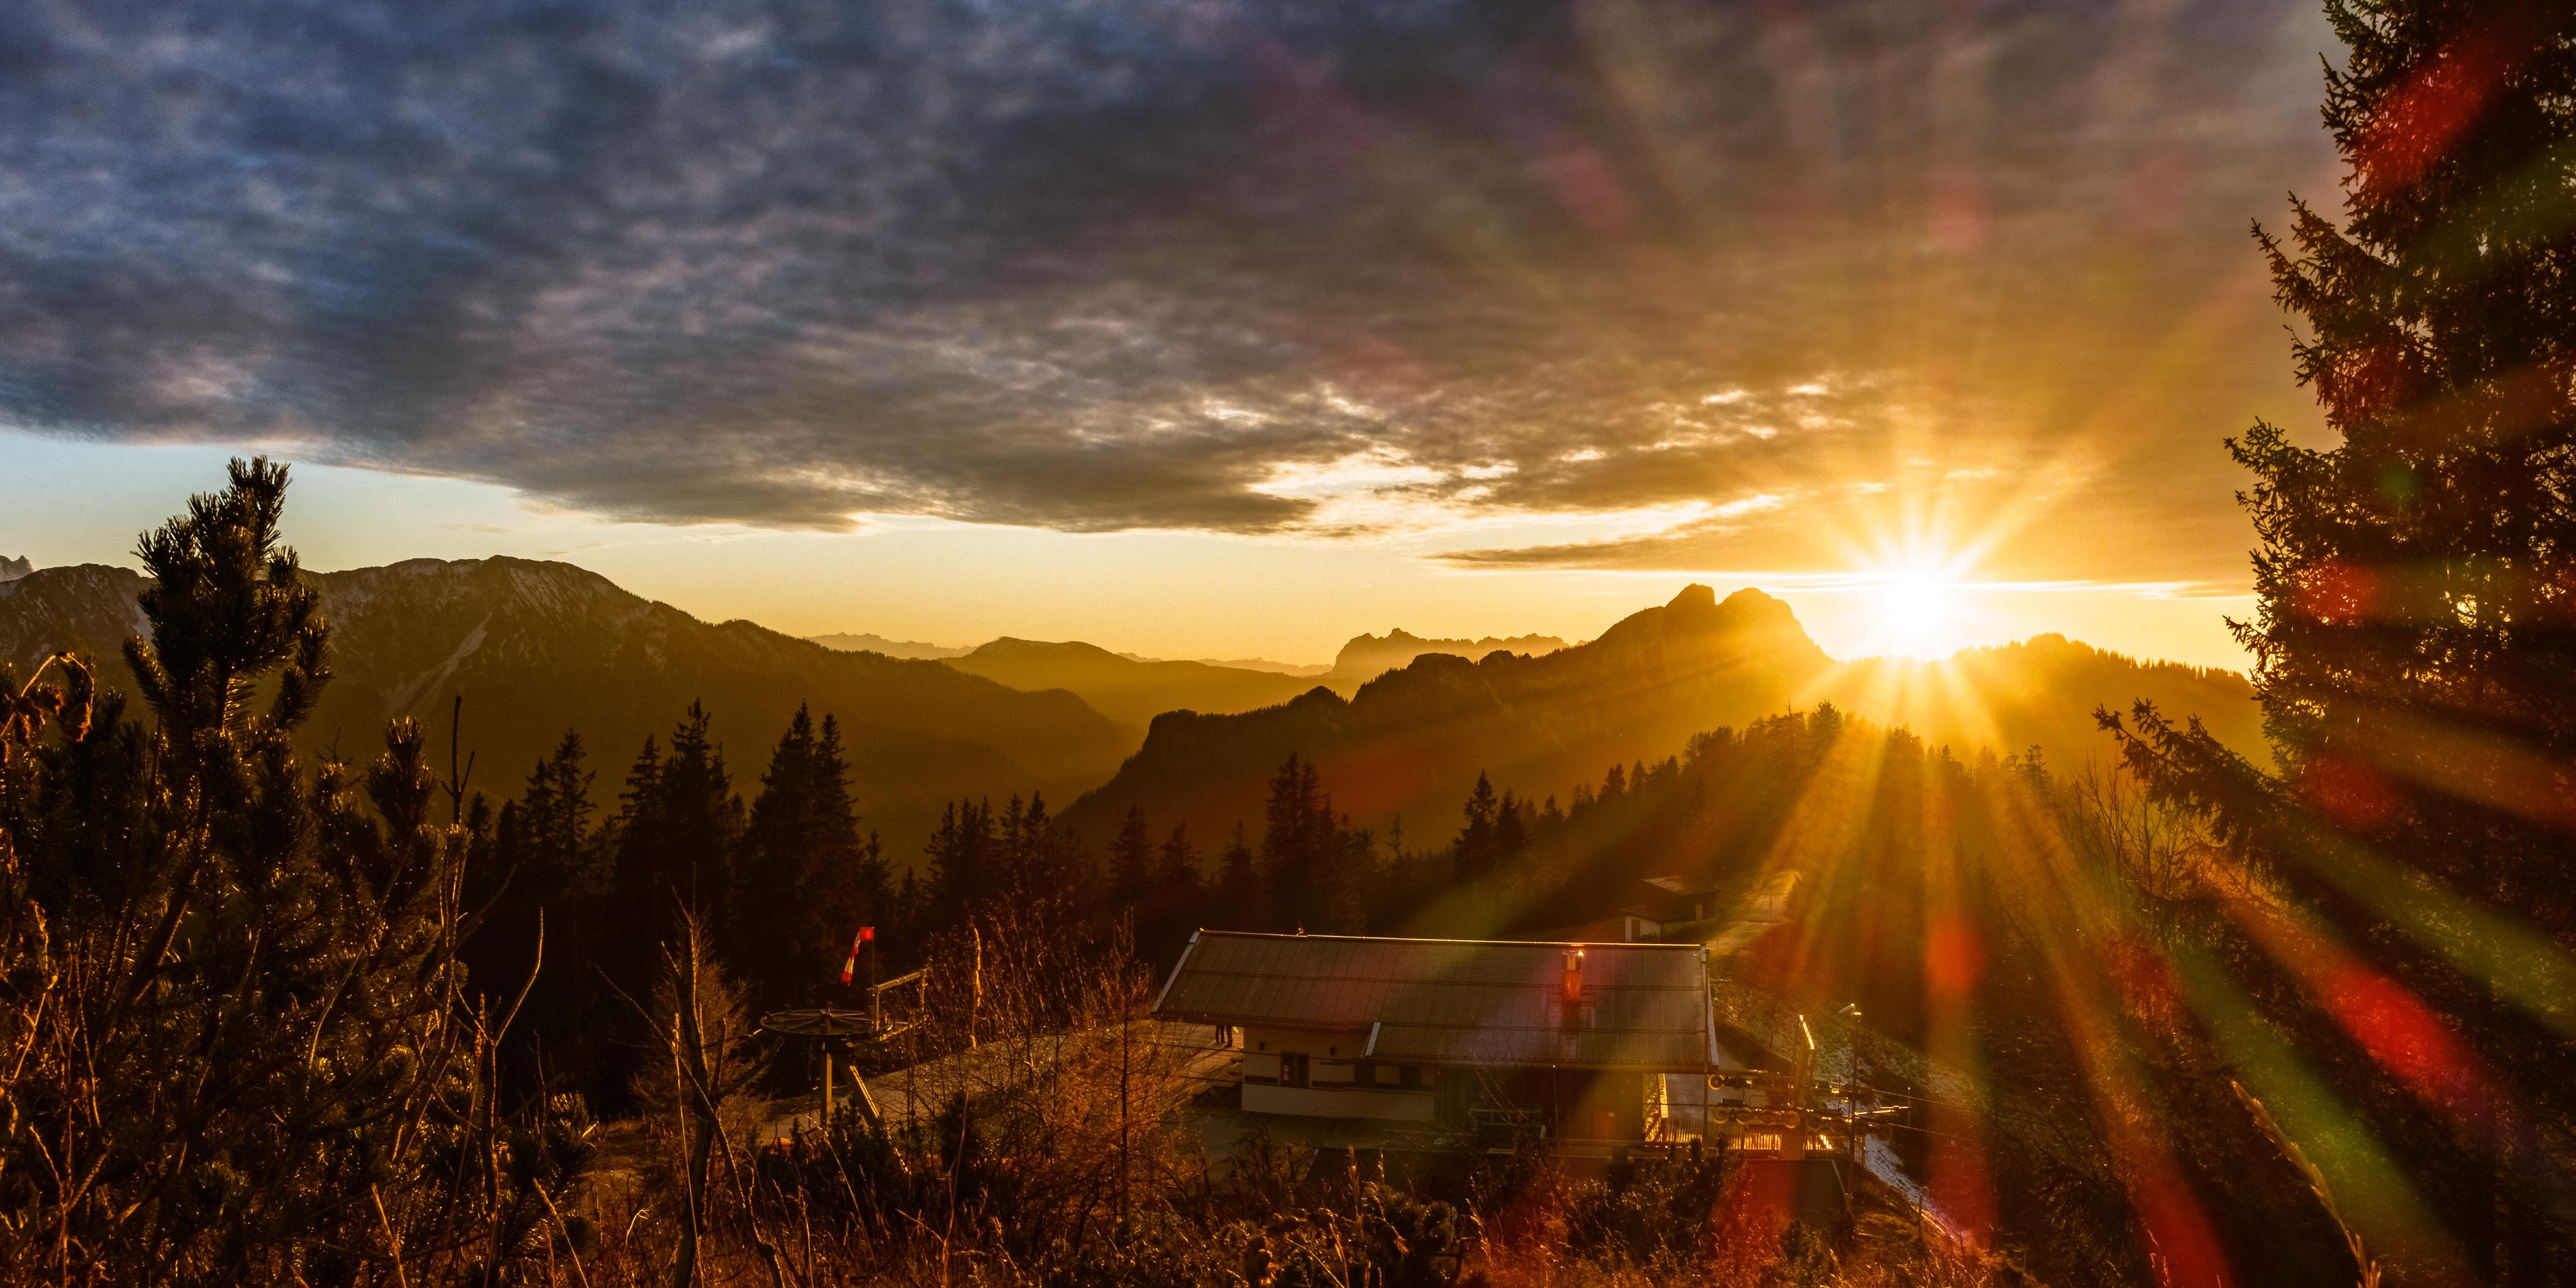 Inzell Karte.Die Neue Chiemgau Karte Herbsturlaub Mit Mehrwert In Ruhpolding